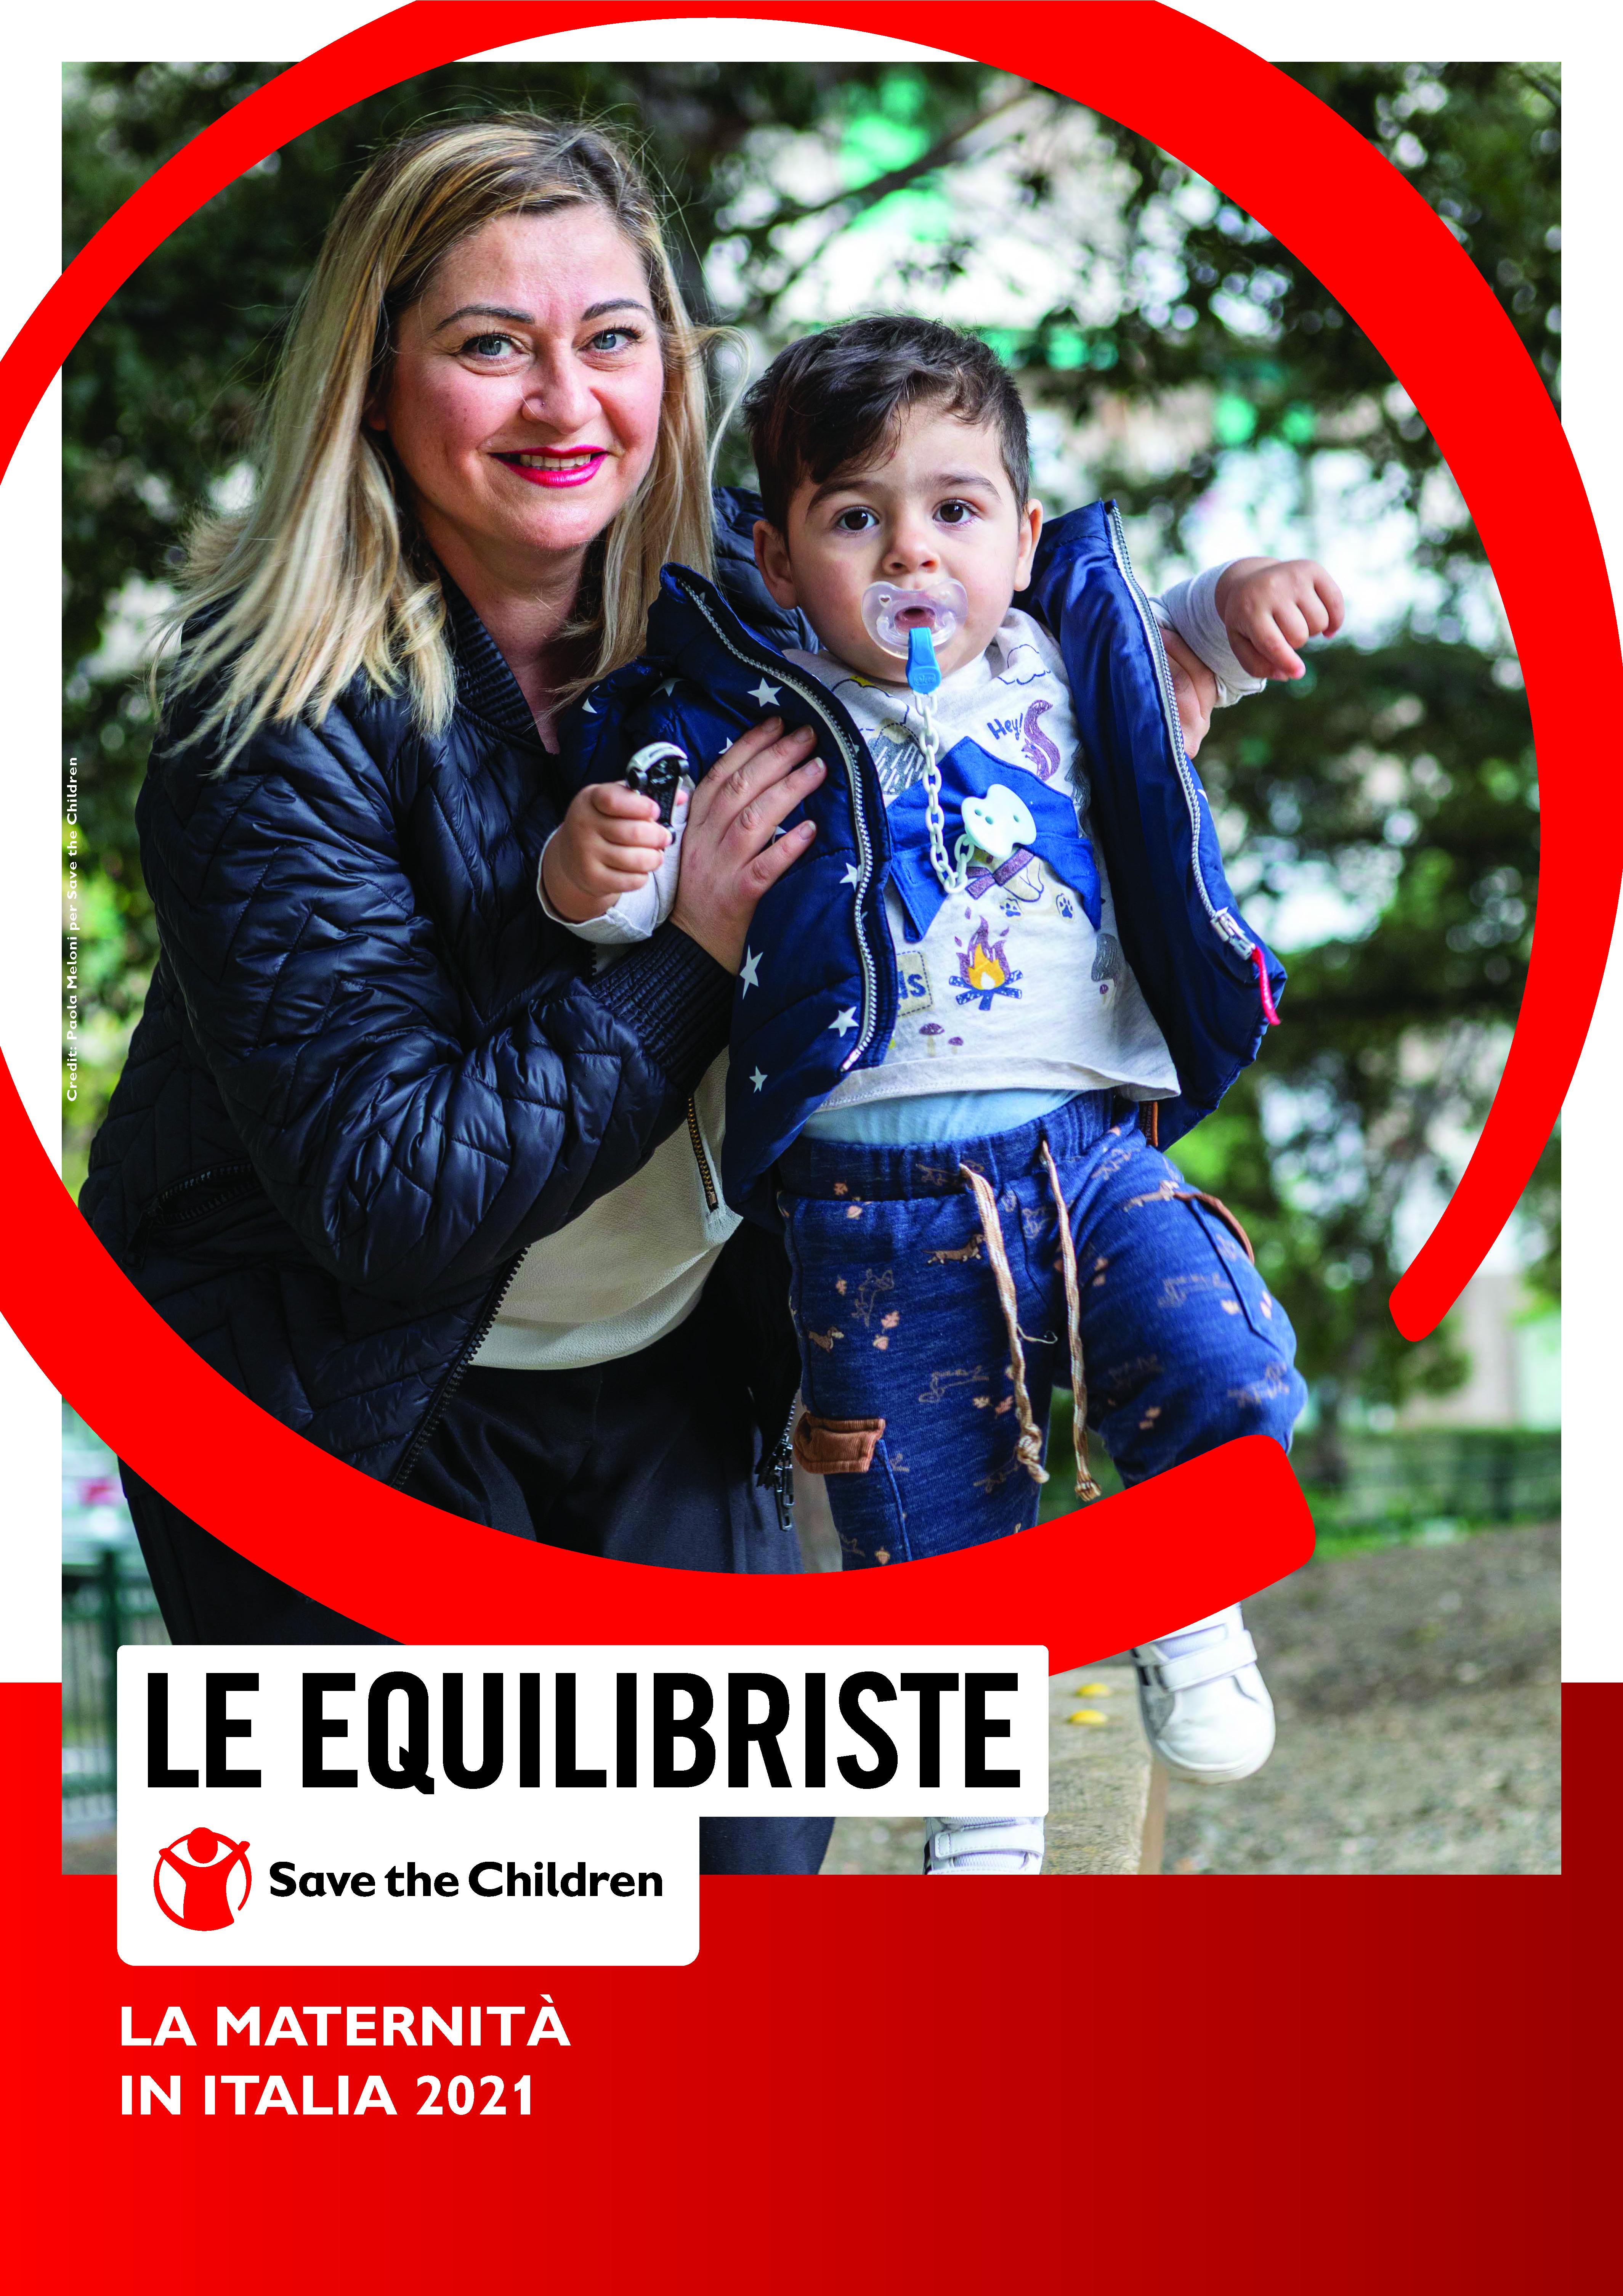 Rapporto Le Equilibriste la maternità in Italia 2021 Save the Children Italia